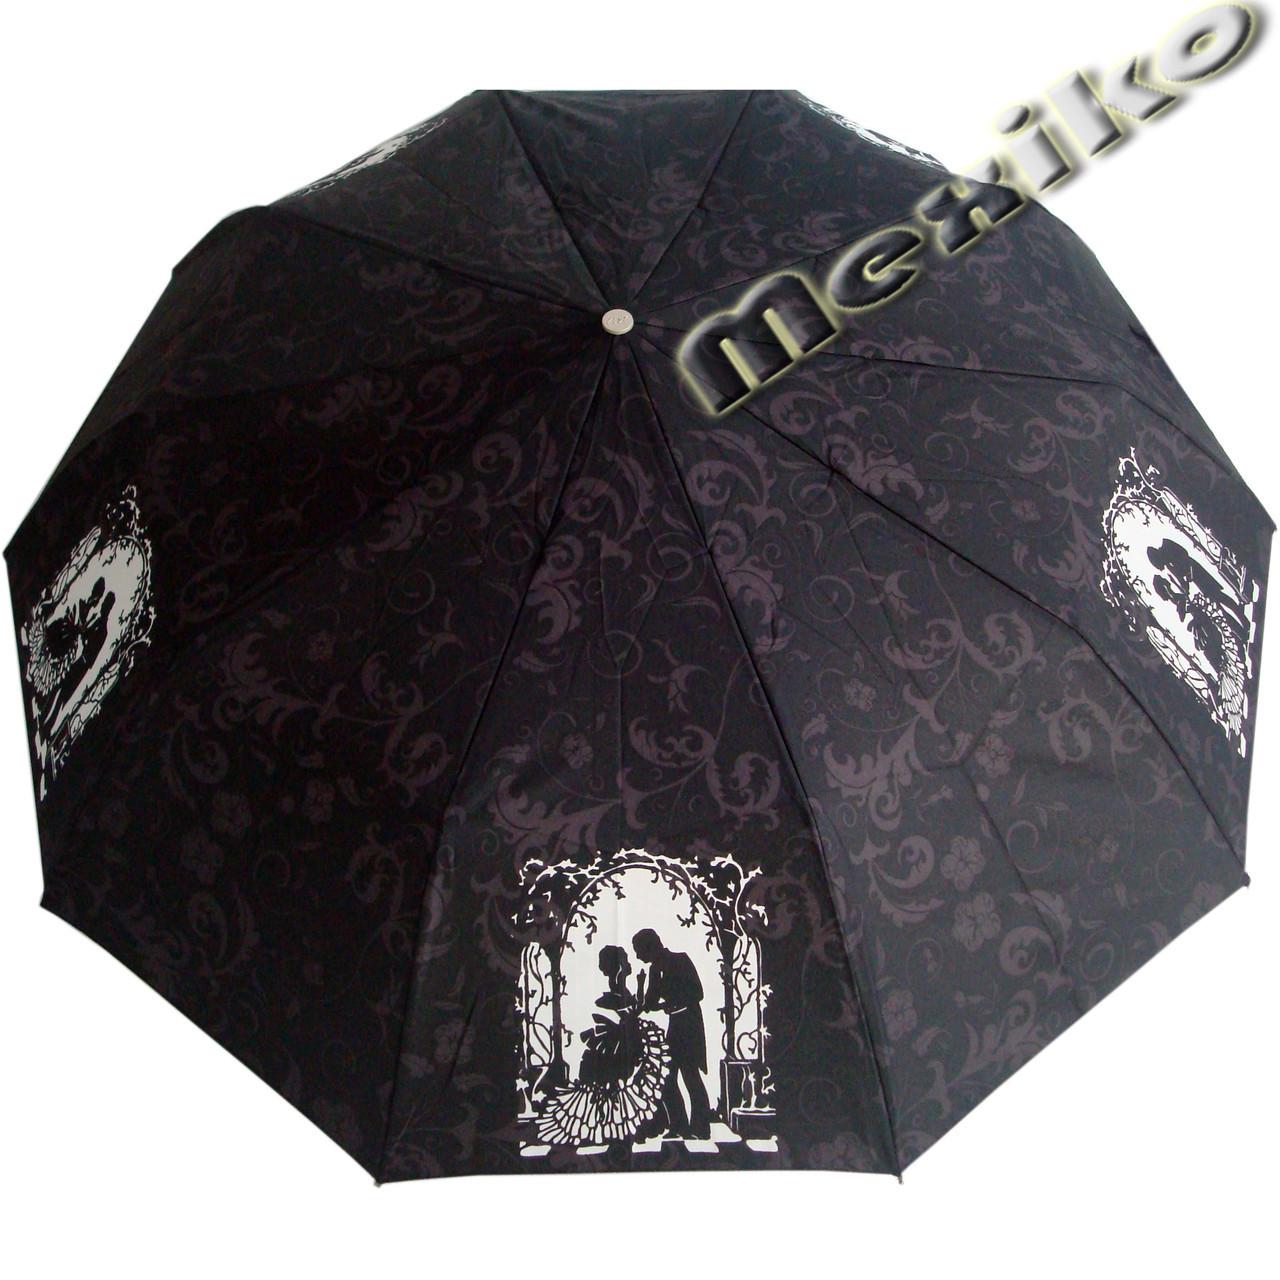 Зонт ZEST, полуавтомат серия 10 спиц, расцветка Темный Пушкин